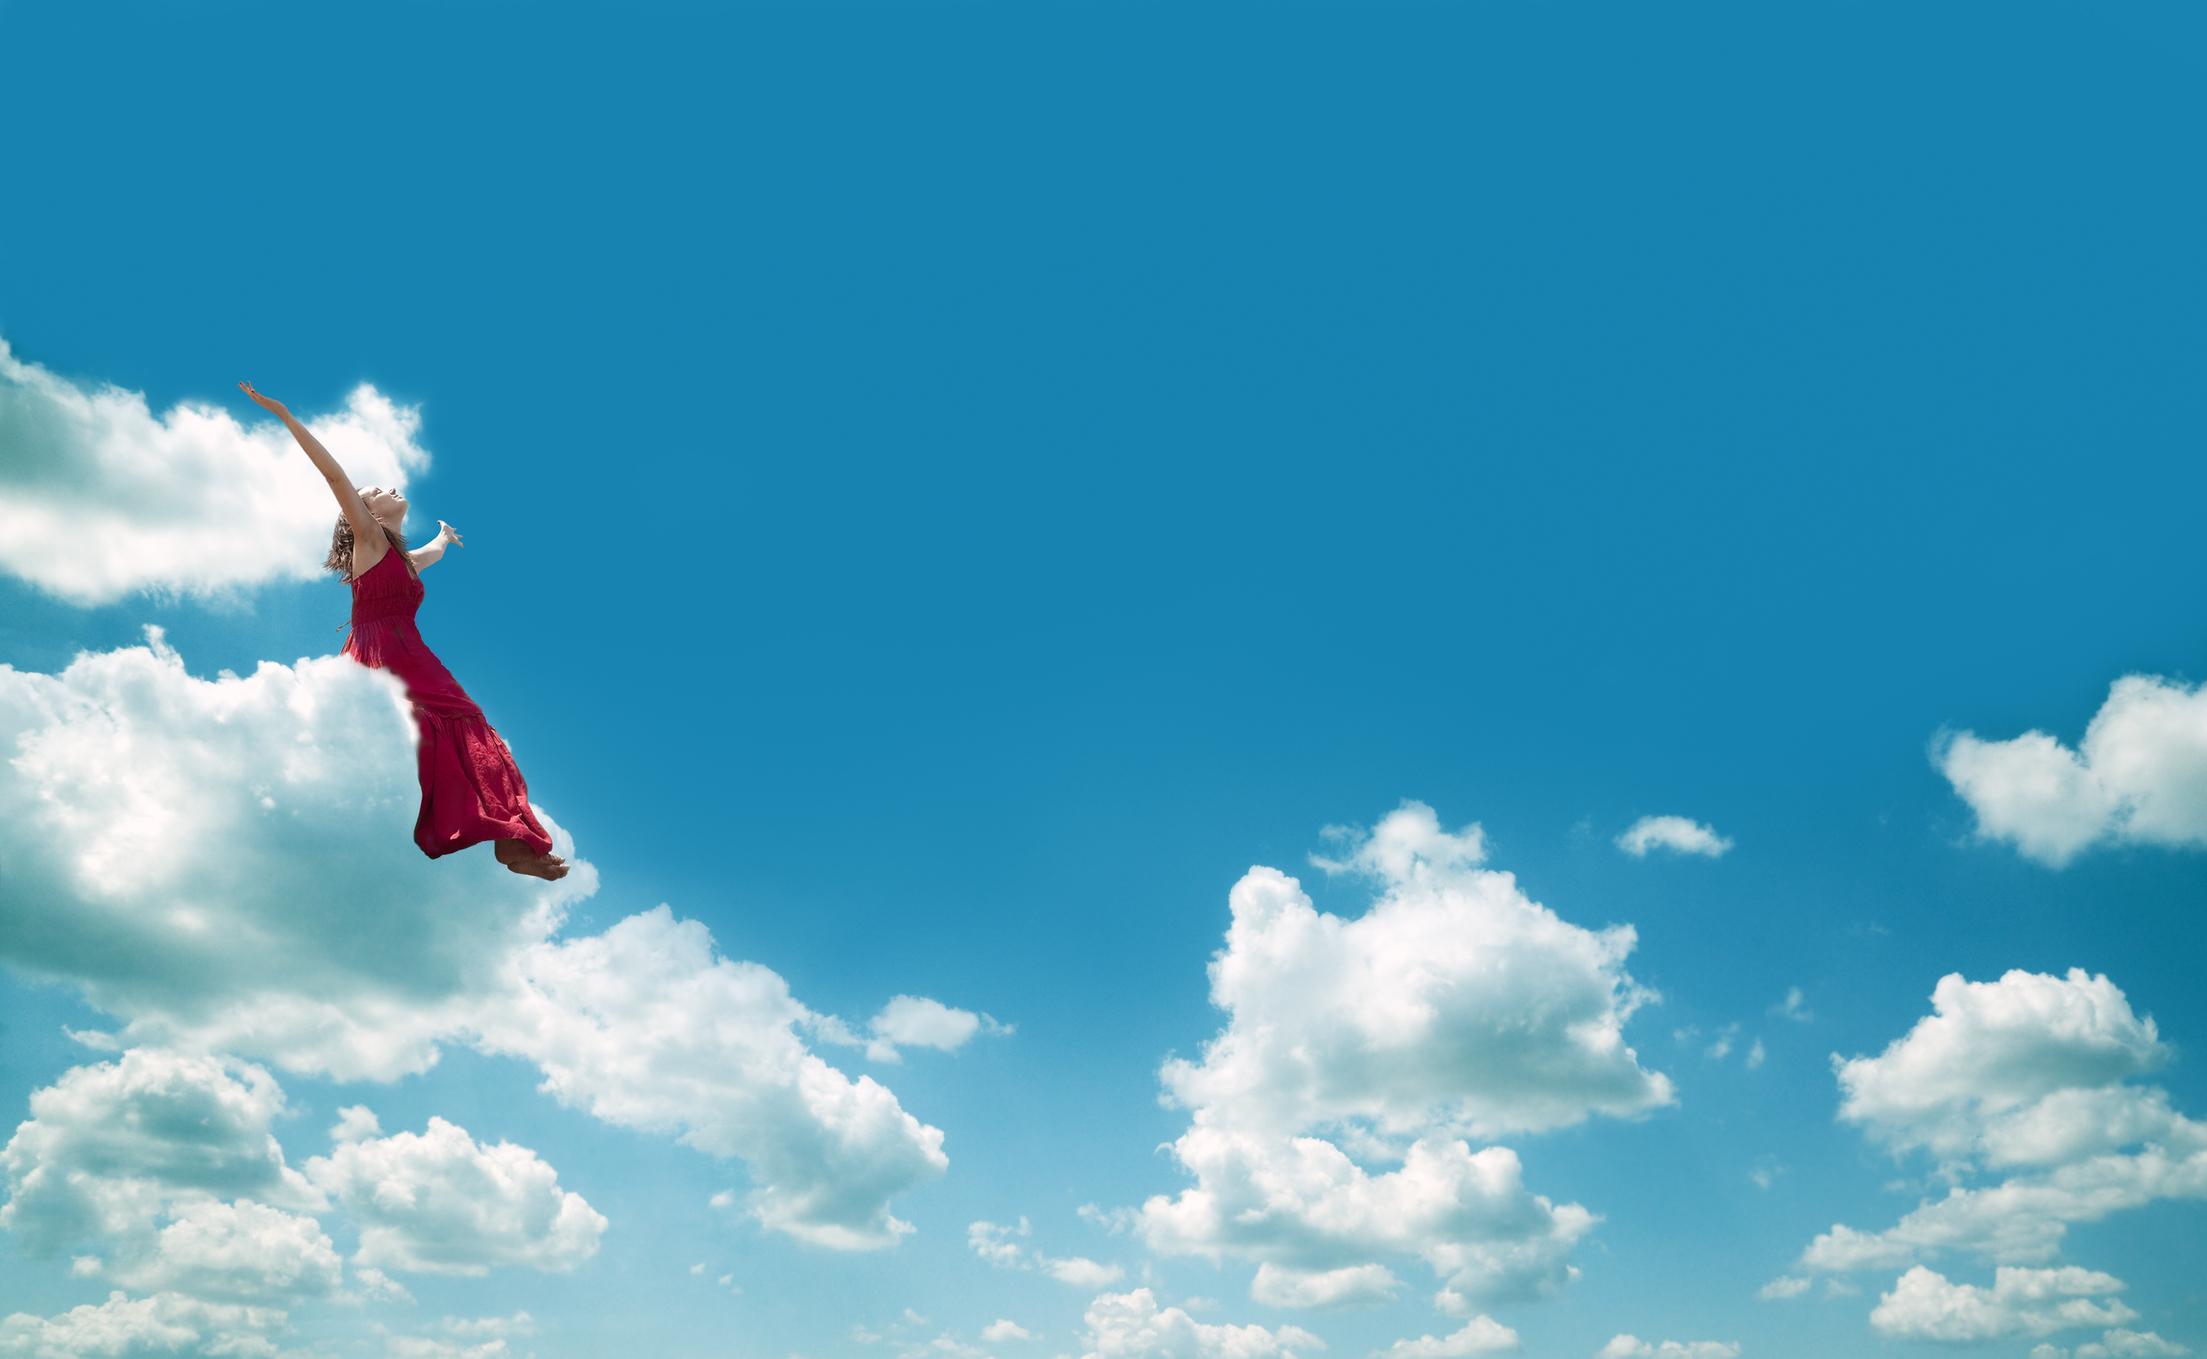 Dame med rød kjole som flyr mellom hvite skyer på blå himmel